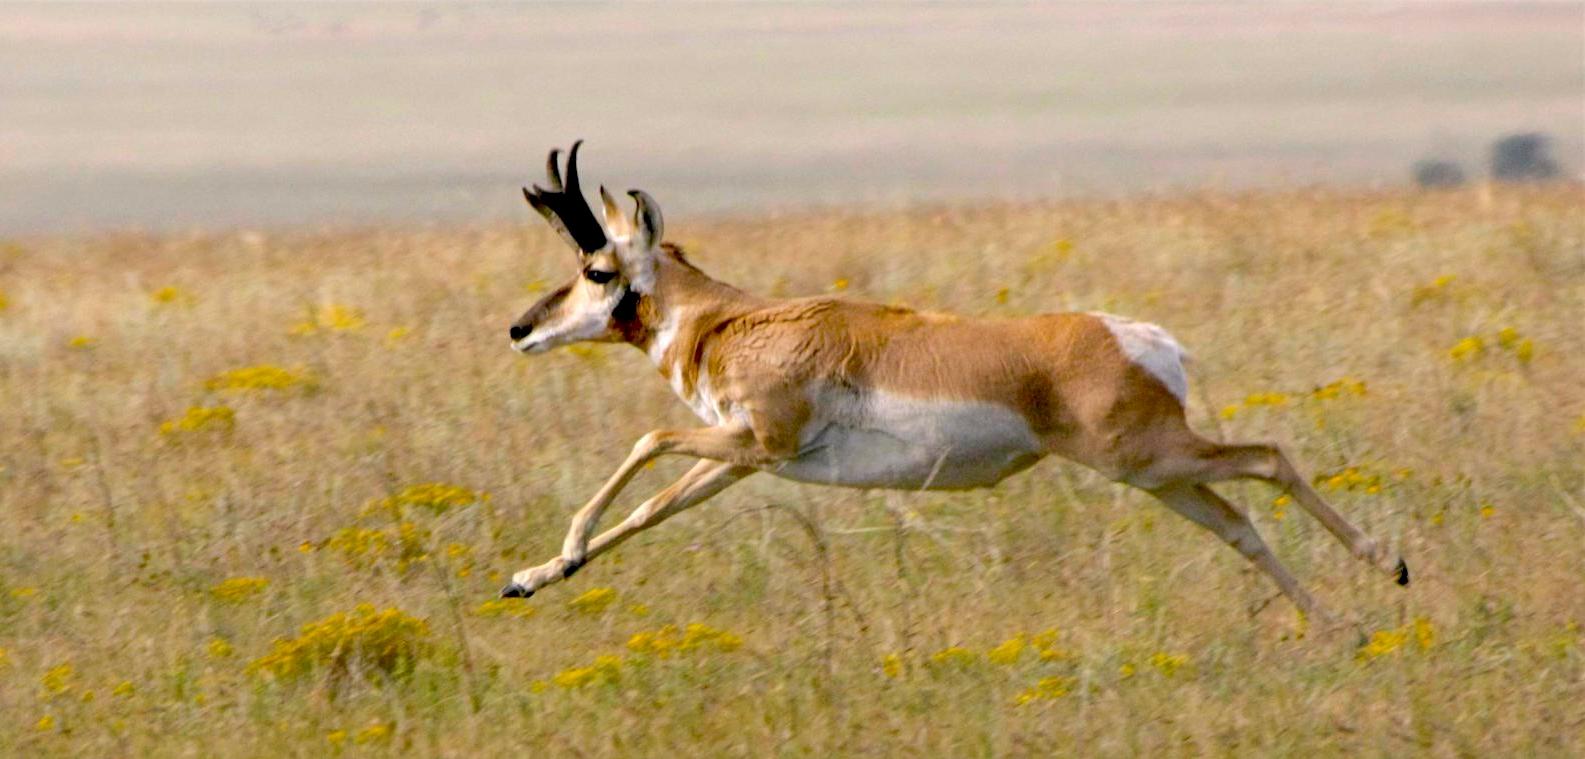 A pronghorn antelope running